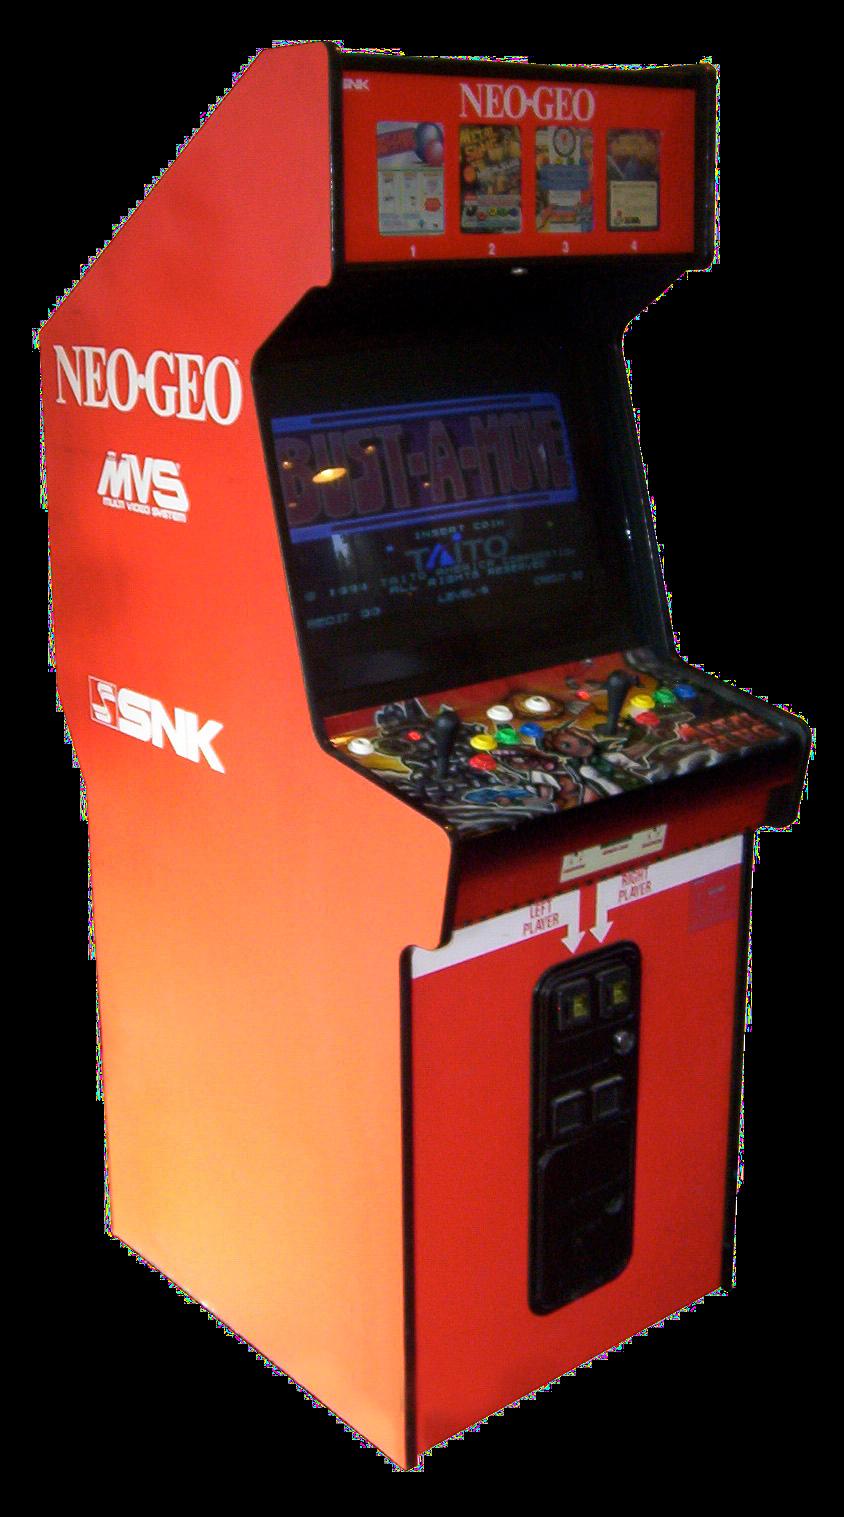 Neo_Geo_full_on